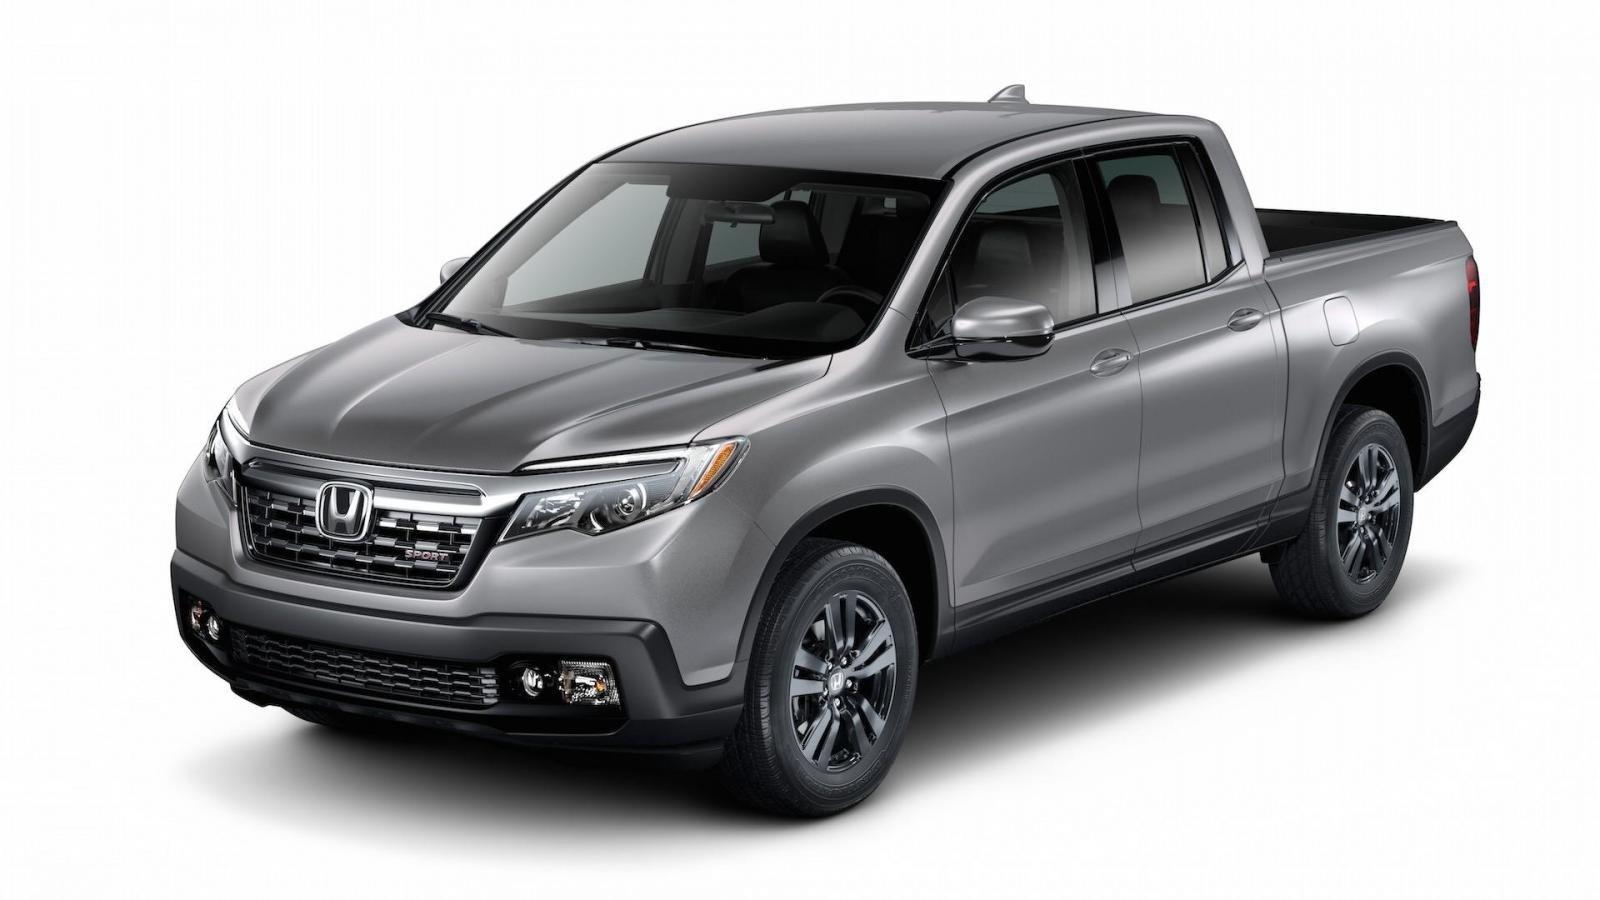 Mẫu bán tải Honda Ridgeline đang sử dụng động cơ xăng V6.